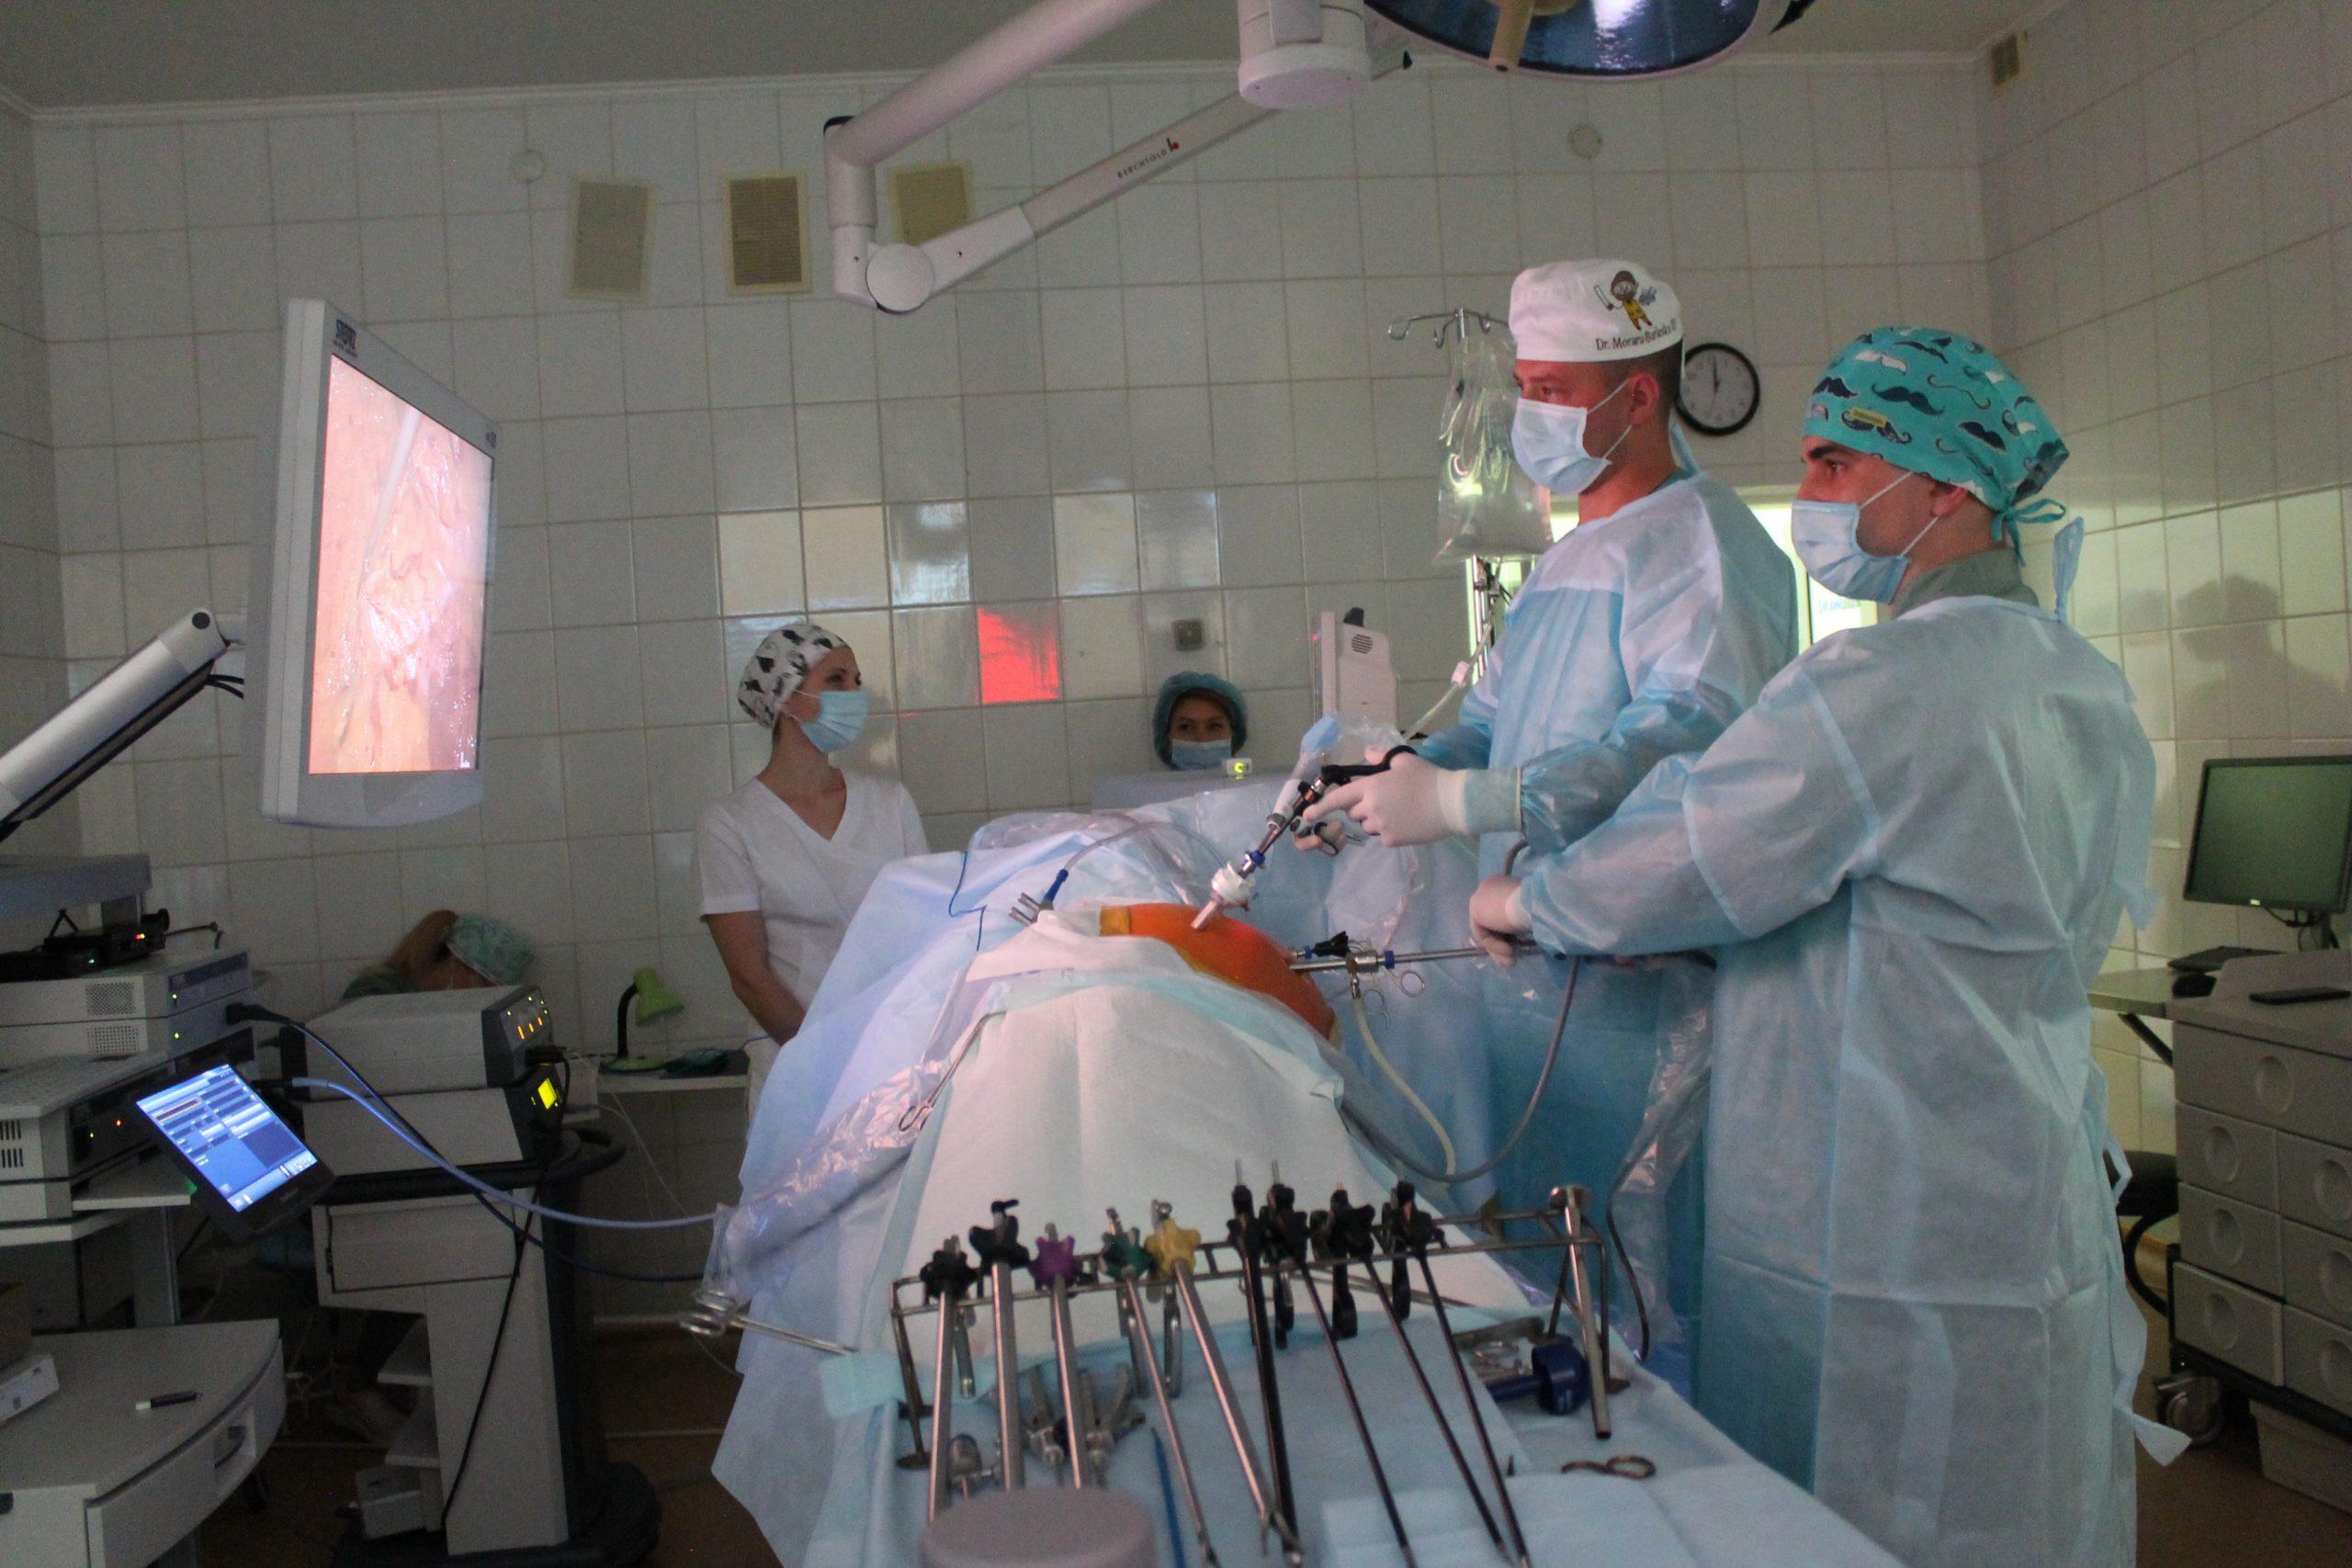 У Черкаському онкодиспансері з'явилося унікальне хірургічне обладнання (ВІДЕО)